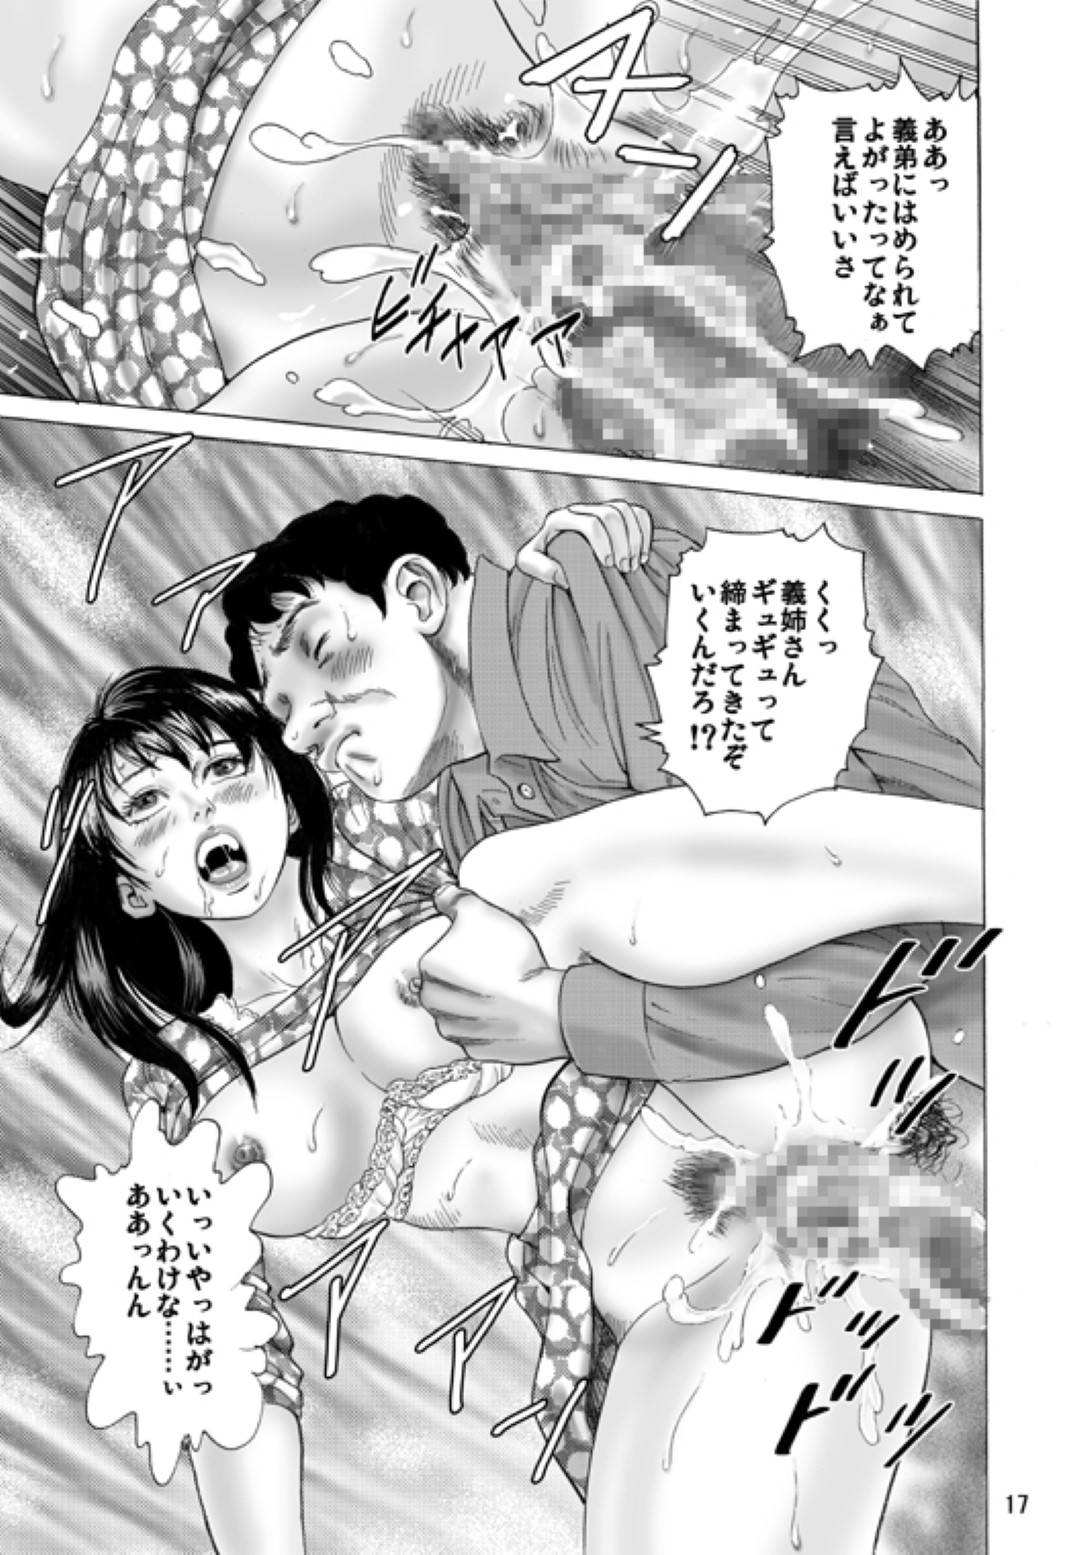 夫の弟に襲われちゃう美人な人妻…乳首舐めされちゃって中出しセックスでど変態なトロ顔になっちゃう!【おまぷー:兄嫁嬲り】